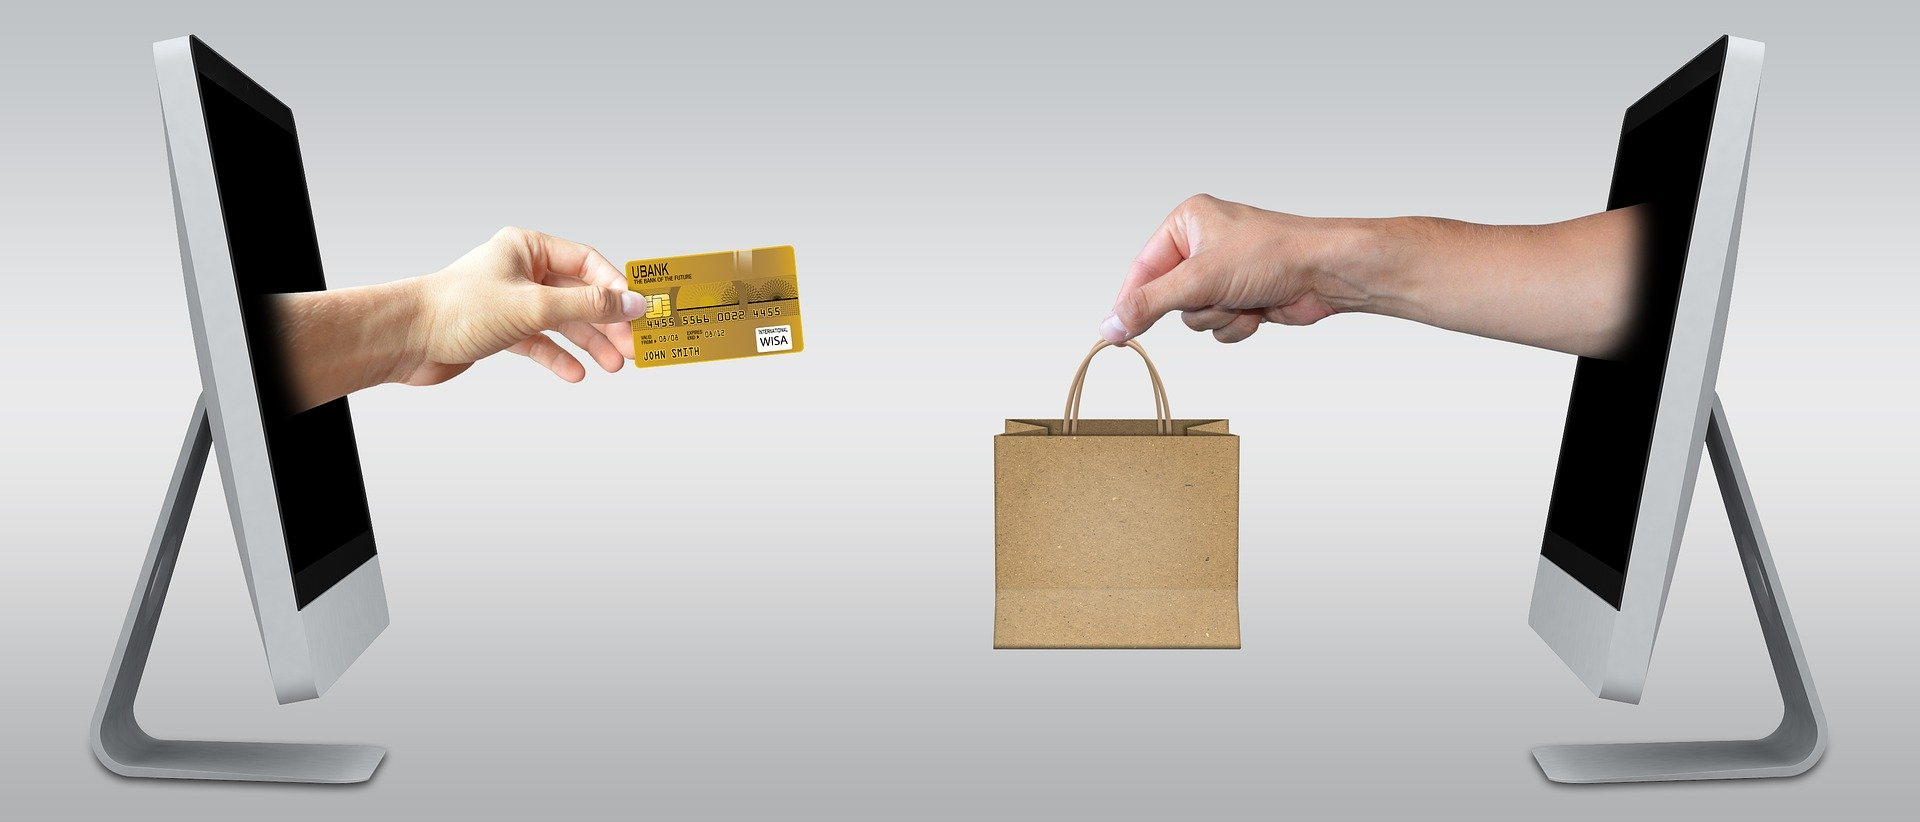 Cómo vender por Internet: pasos previos